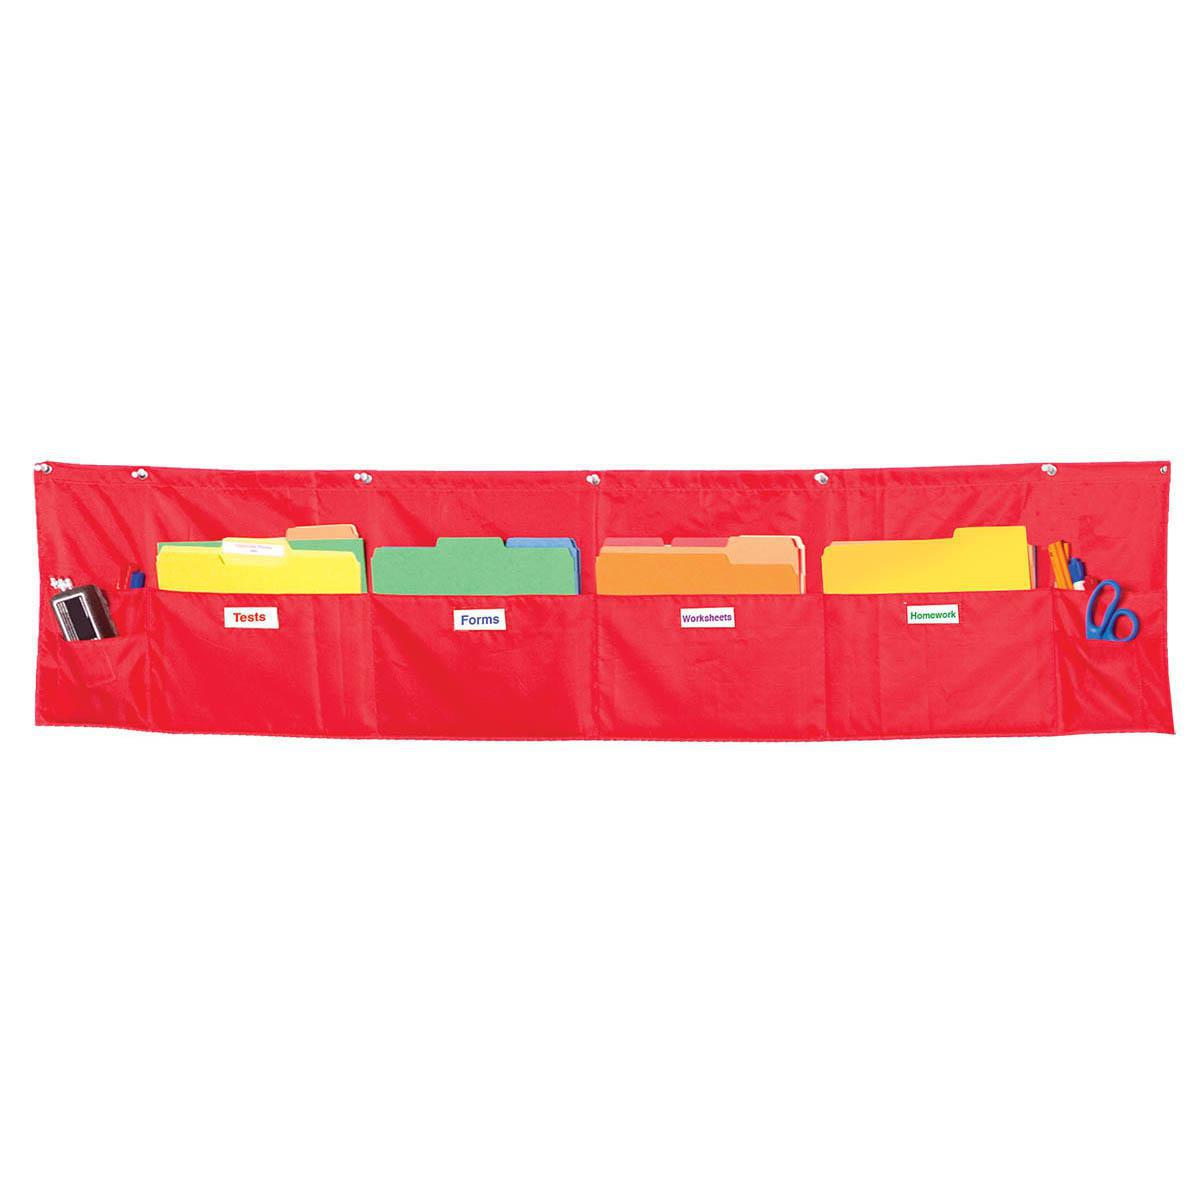 Tableau de rangement horizontal à  8 pochettes